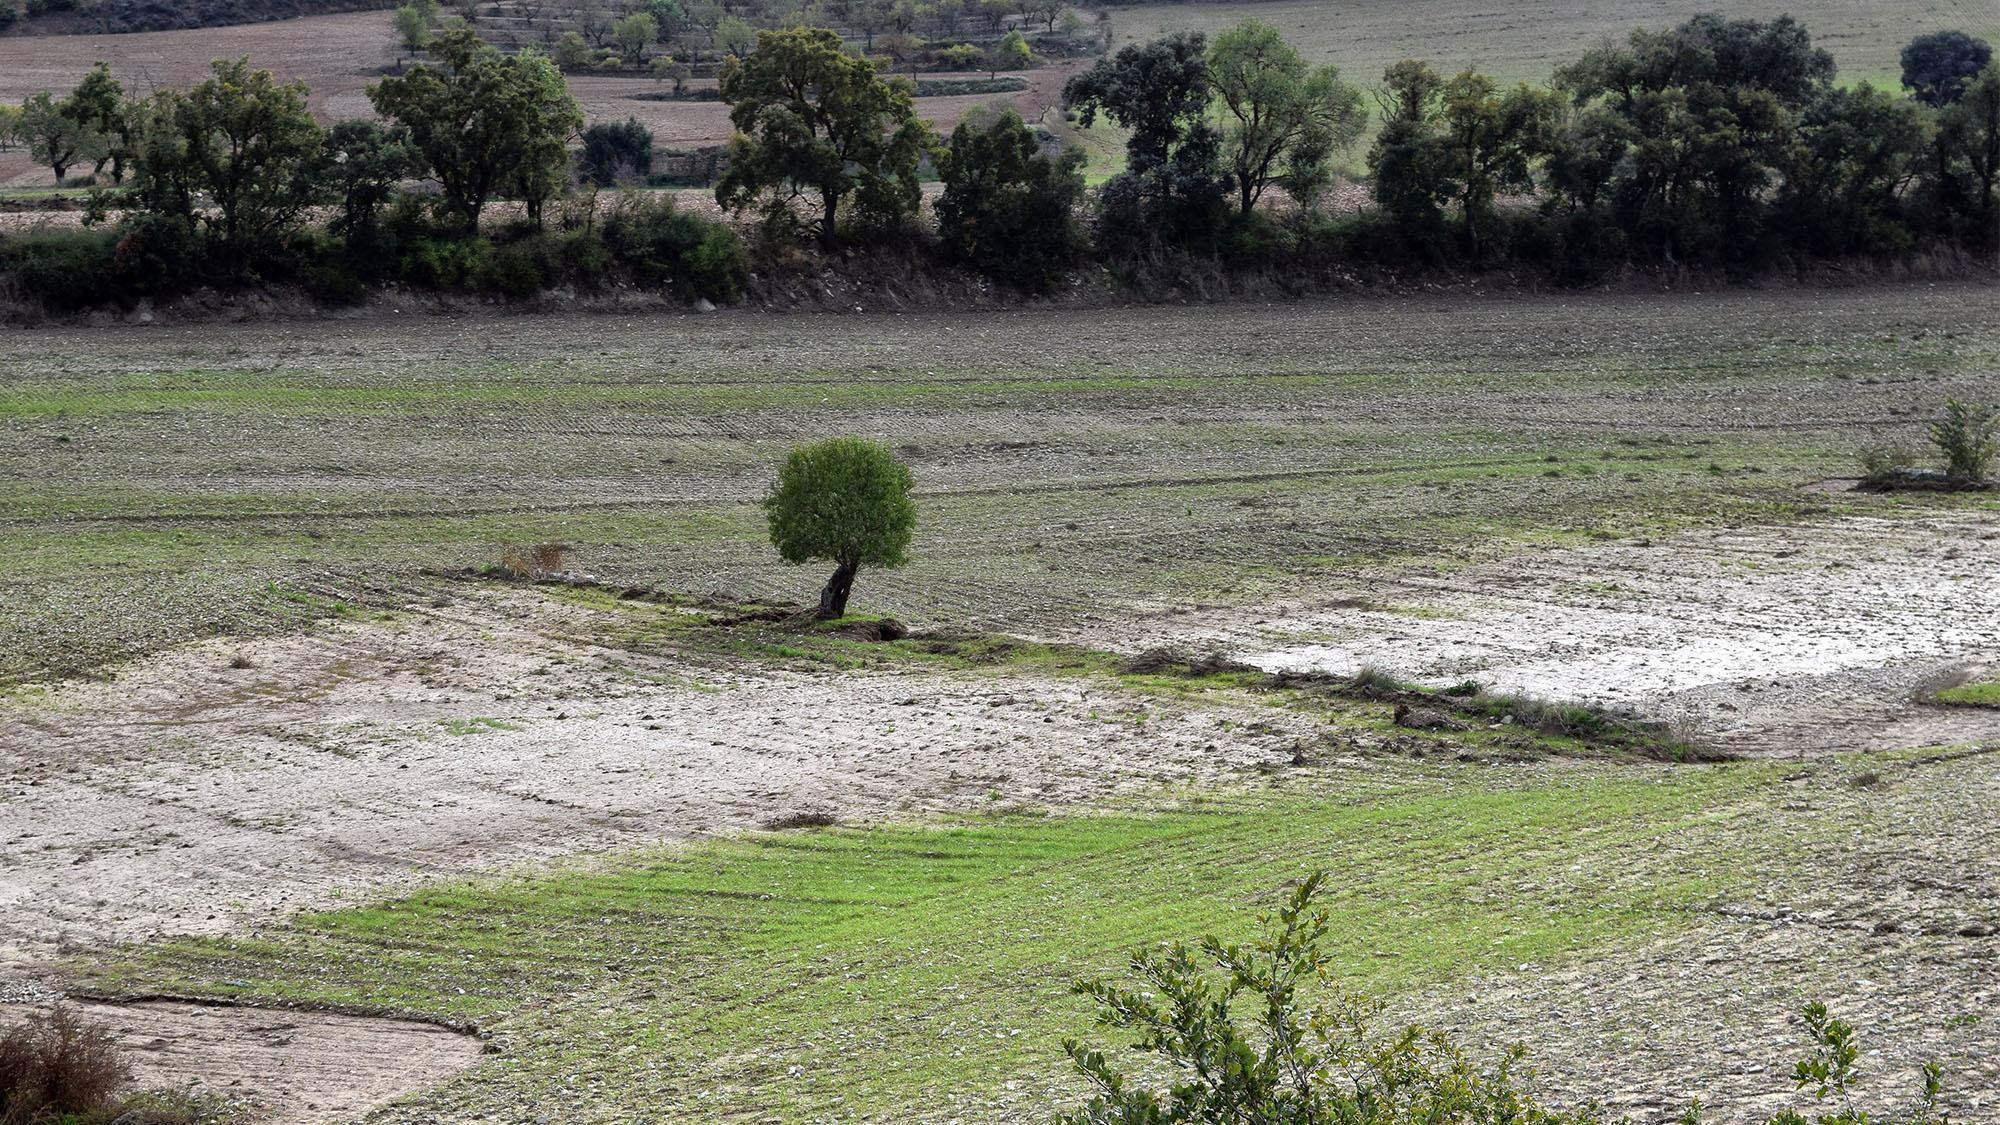 Ajuts destinats a les explotacions agràries afectades pels aiguats